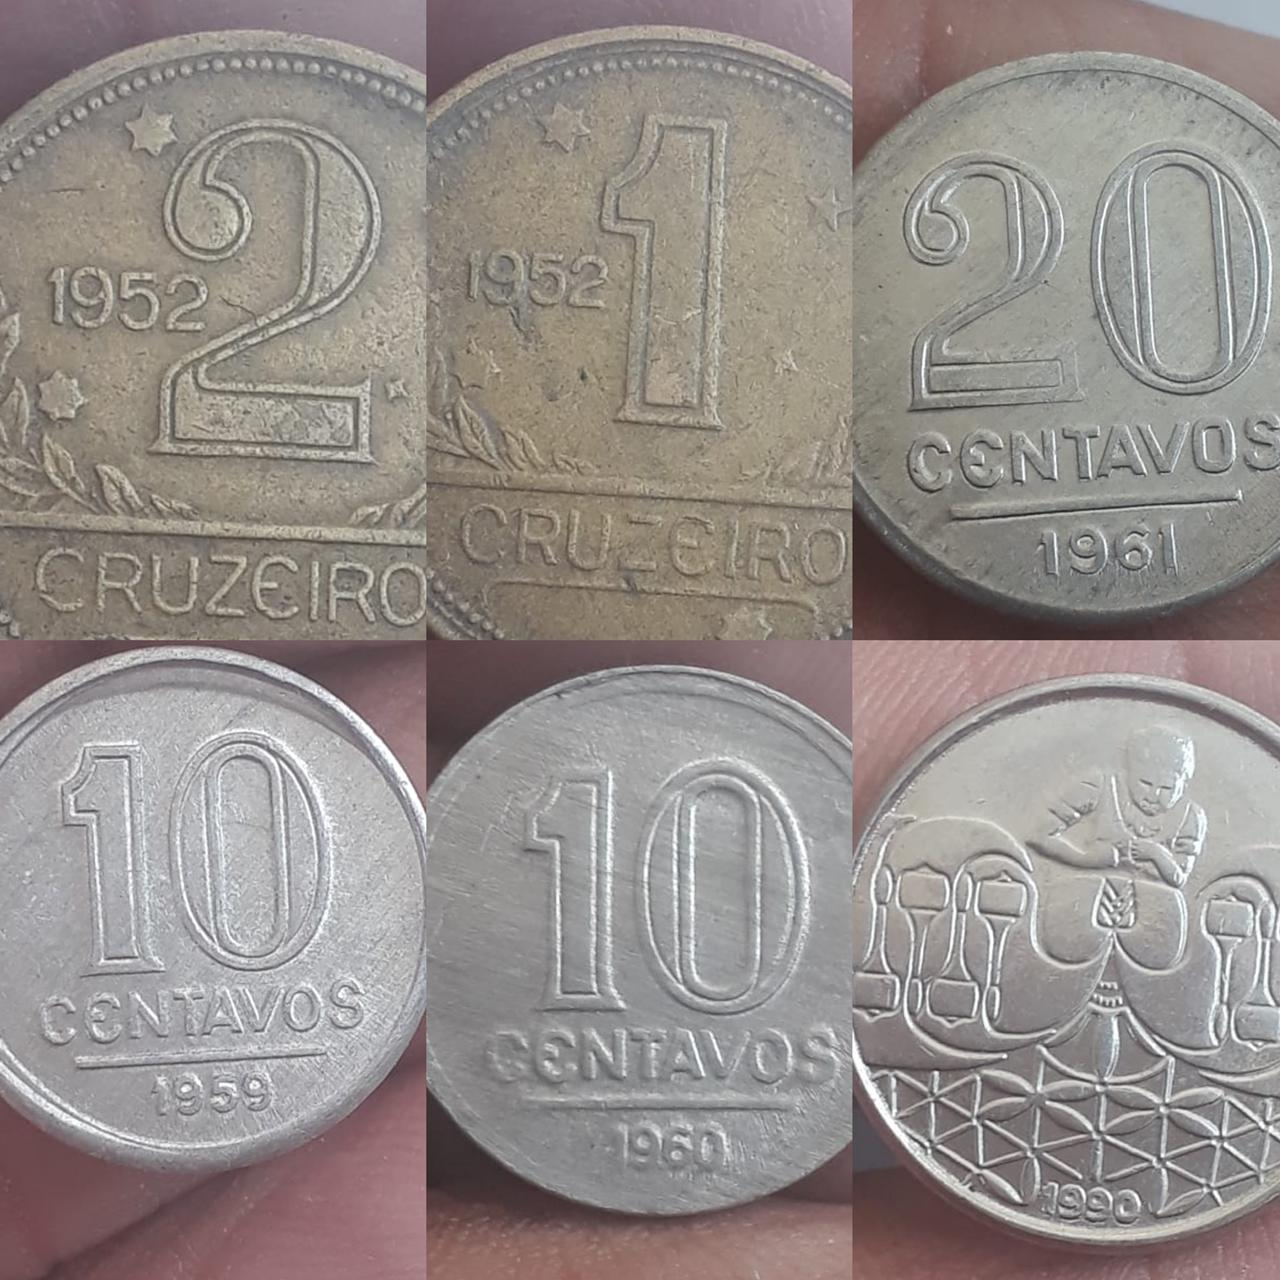 Lote de moedas Gilceia